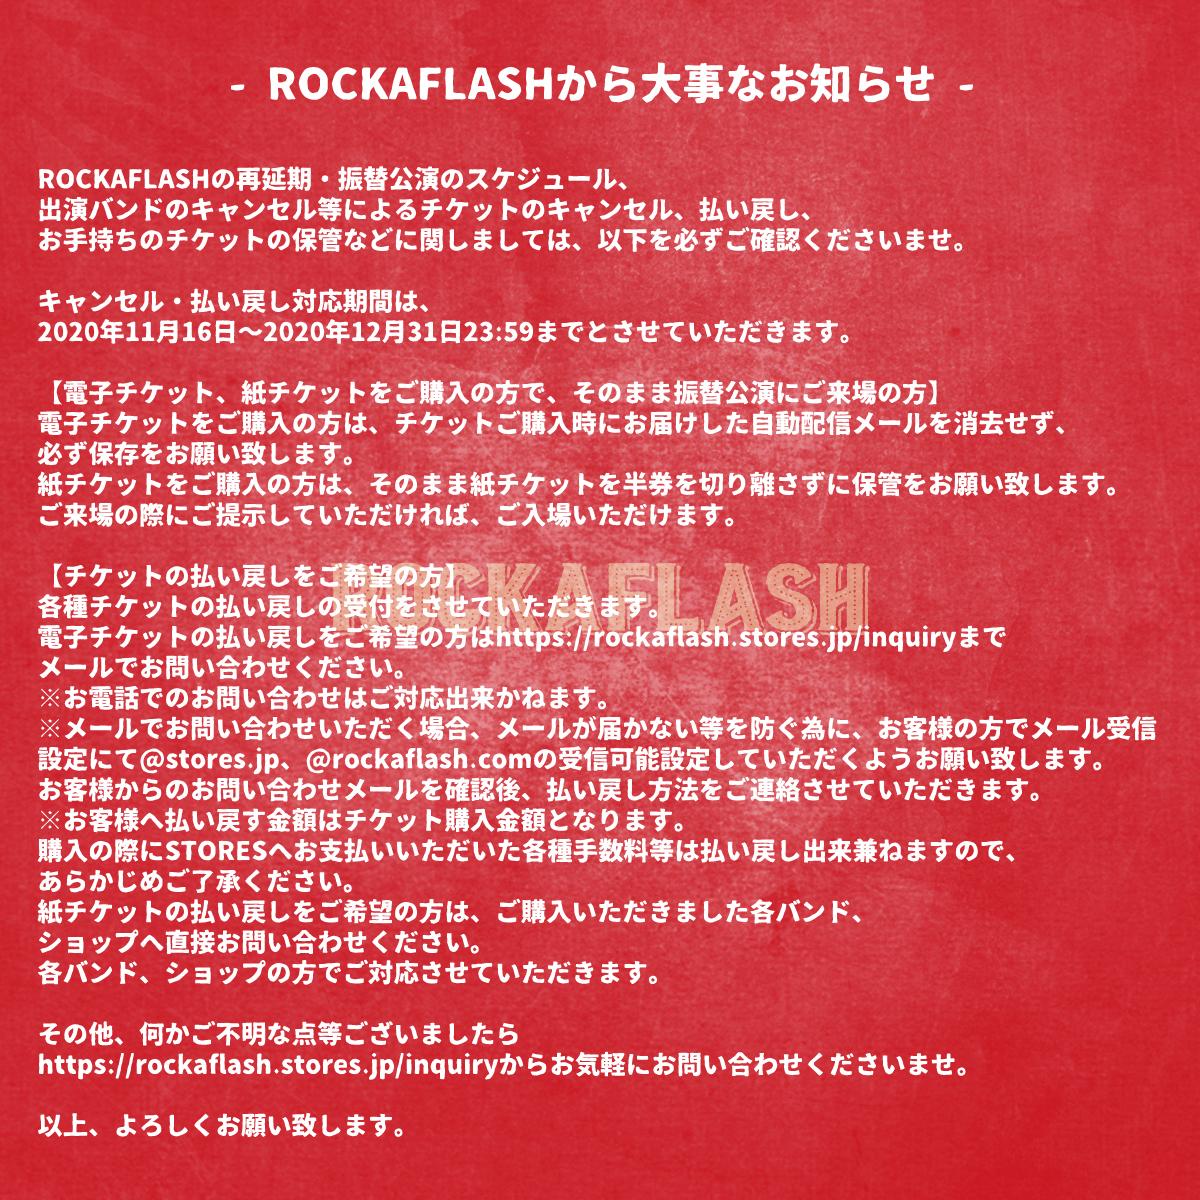 【中止】ROCKAFLASHの写真